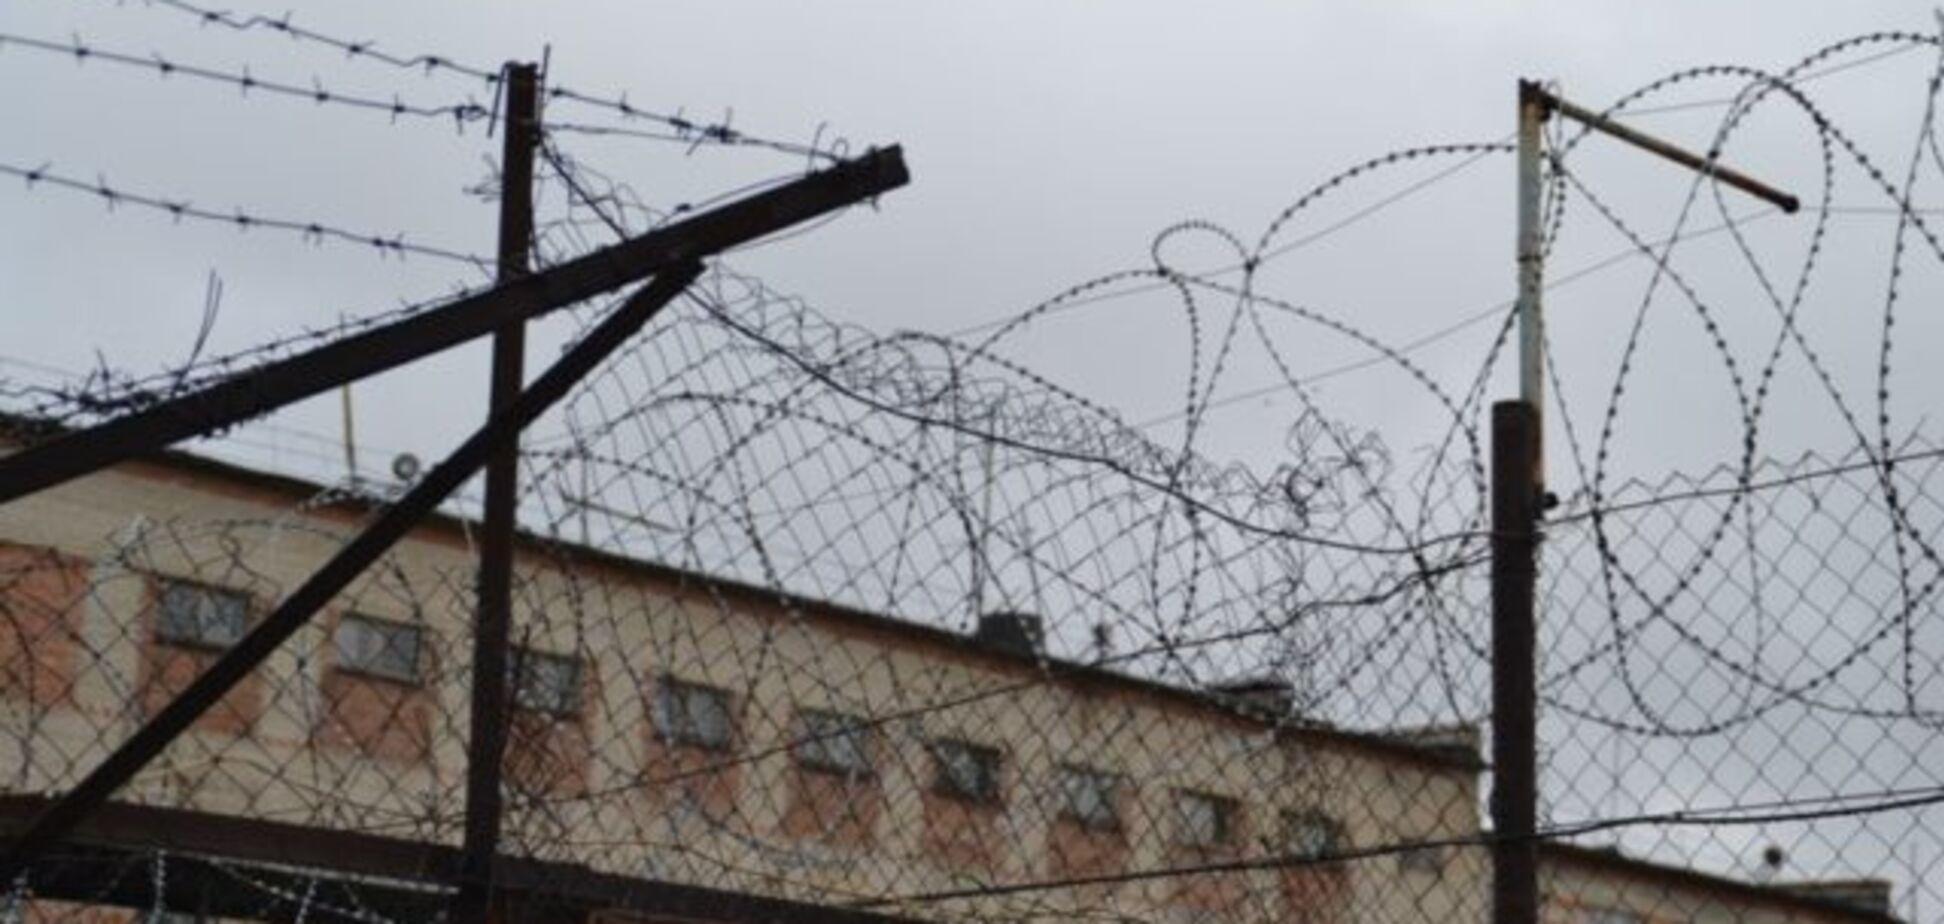 Замминистра: то, что мы накопали в тюрьмах и СИЗО, - просто ужас